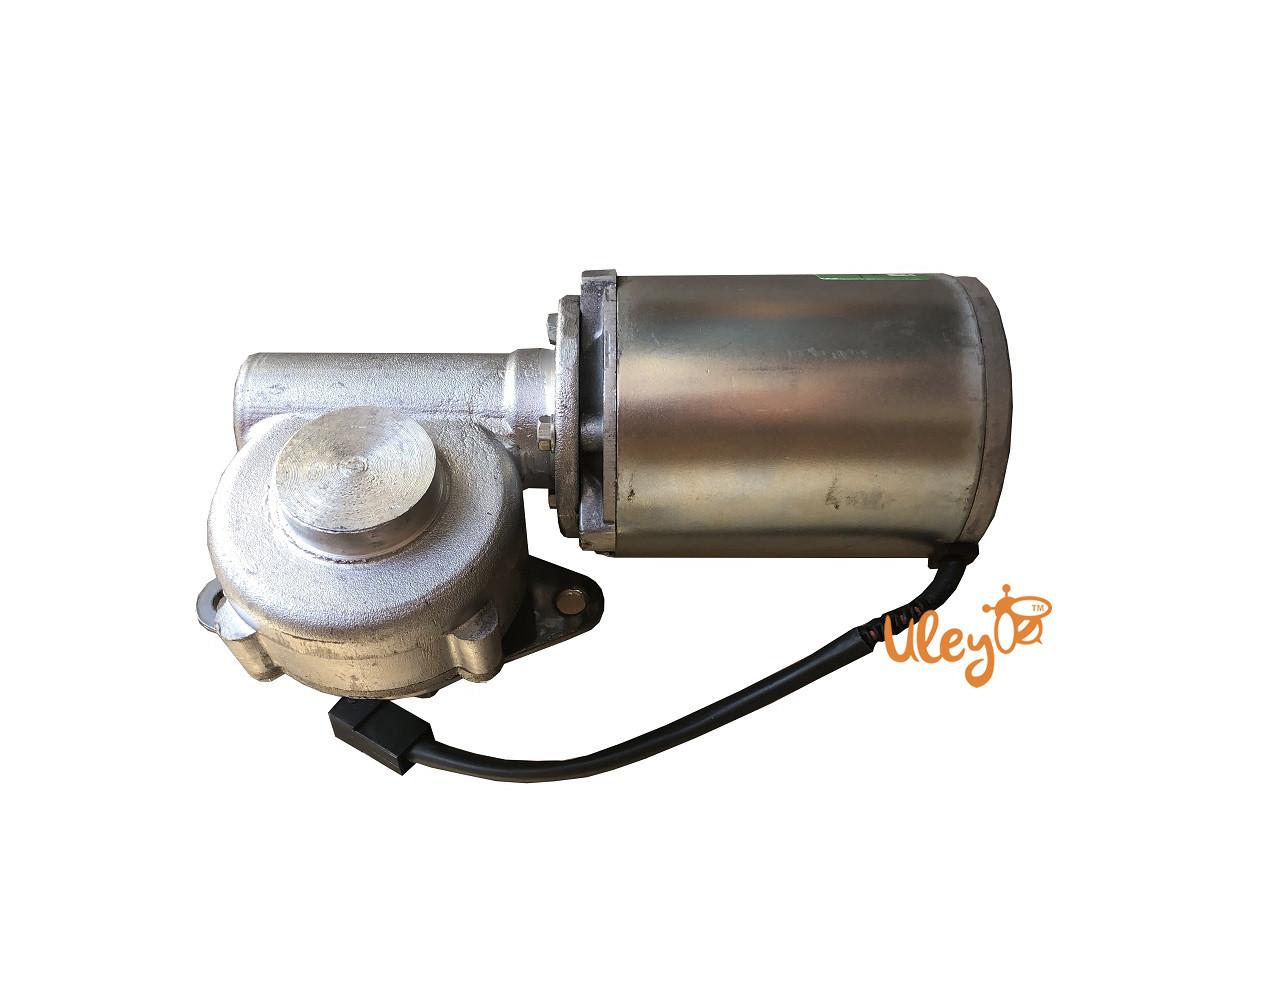 Мотор-редуктор, с червячной передачей, к приводу 12В, мощность 75 Вт